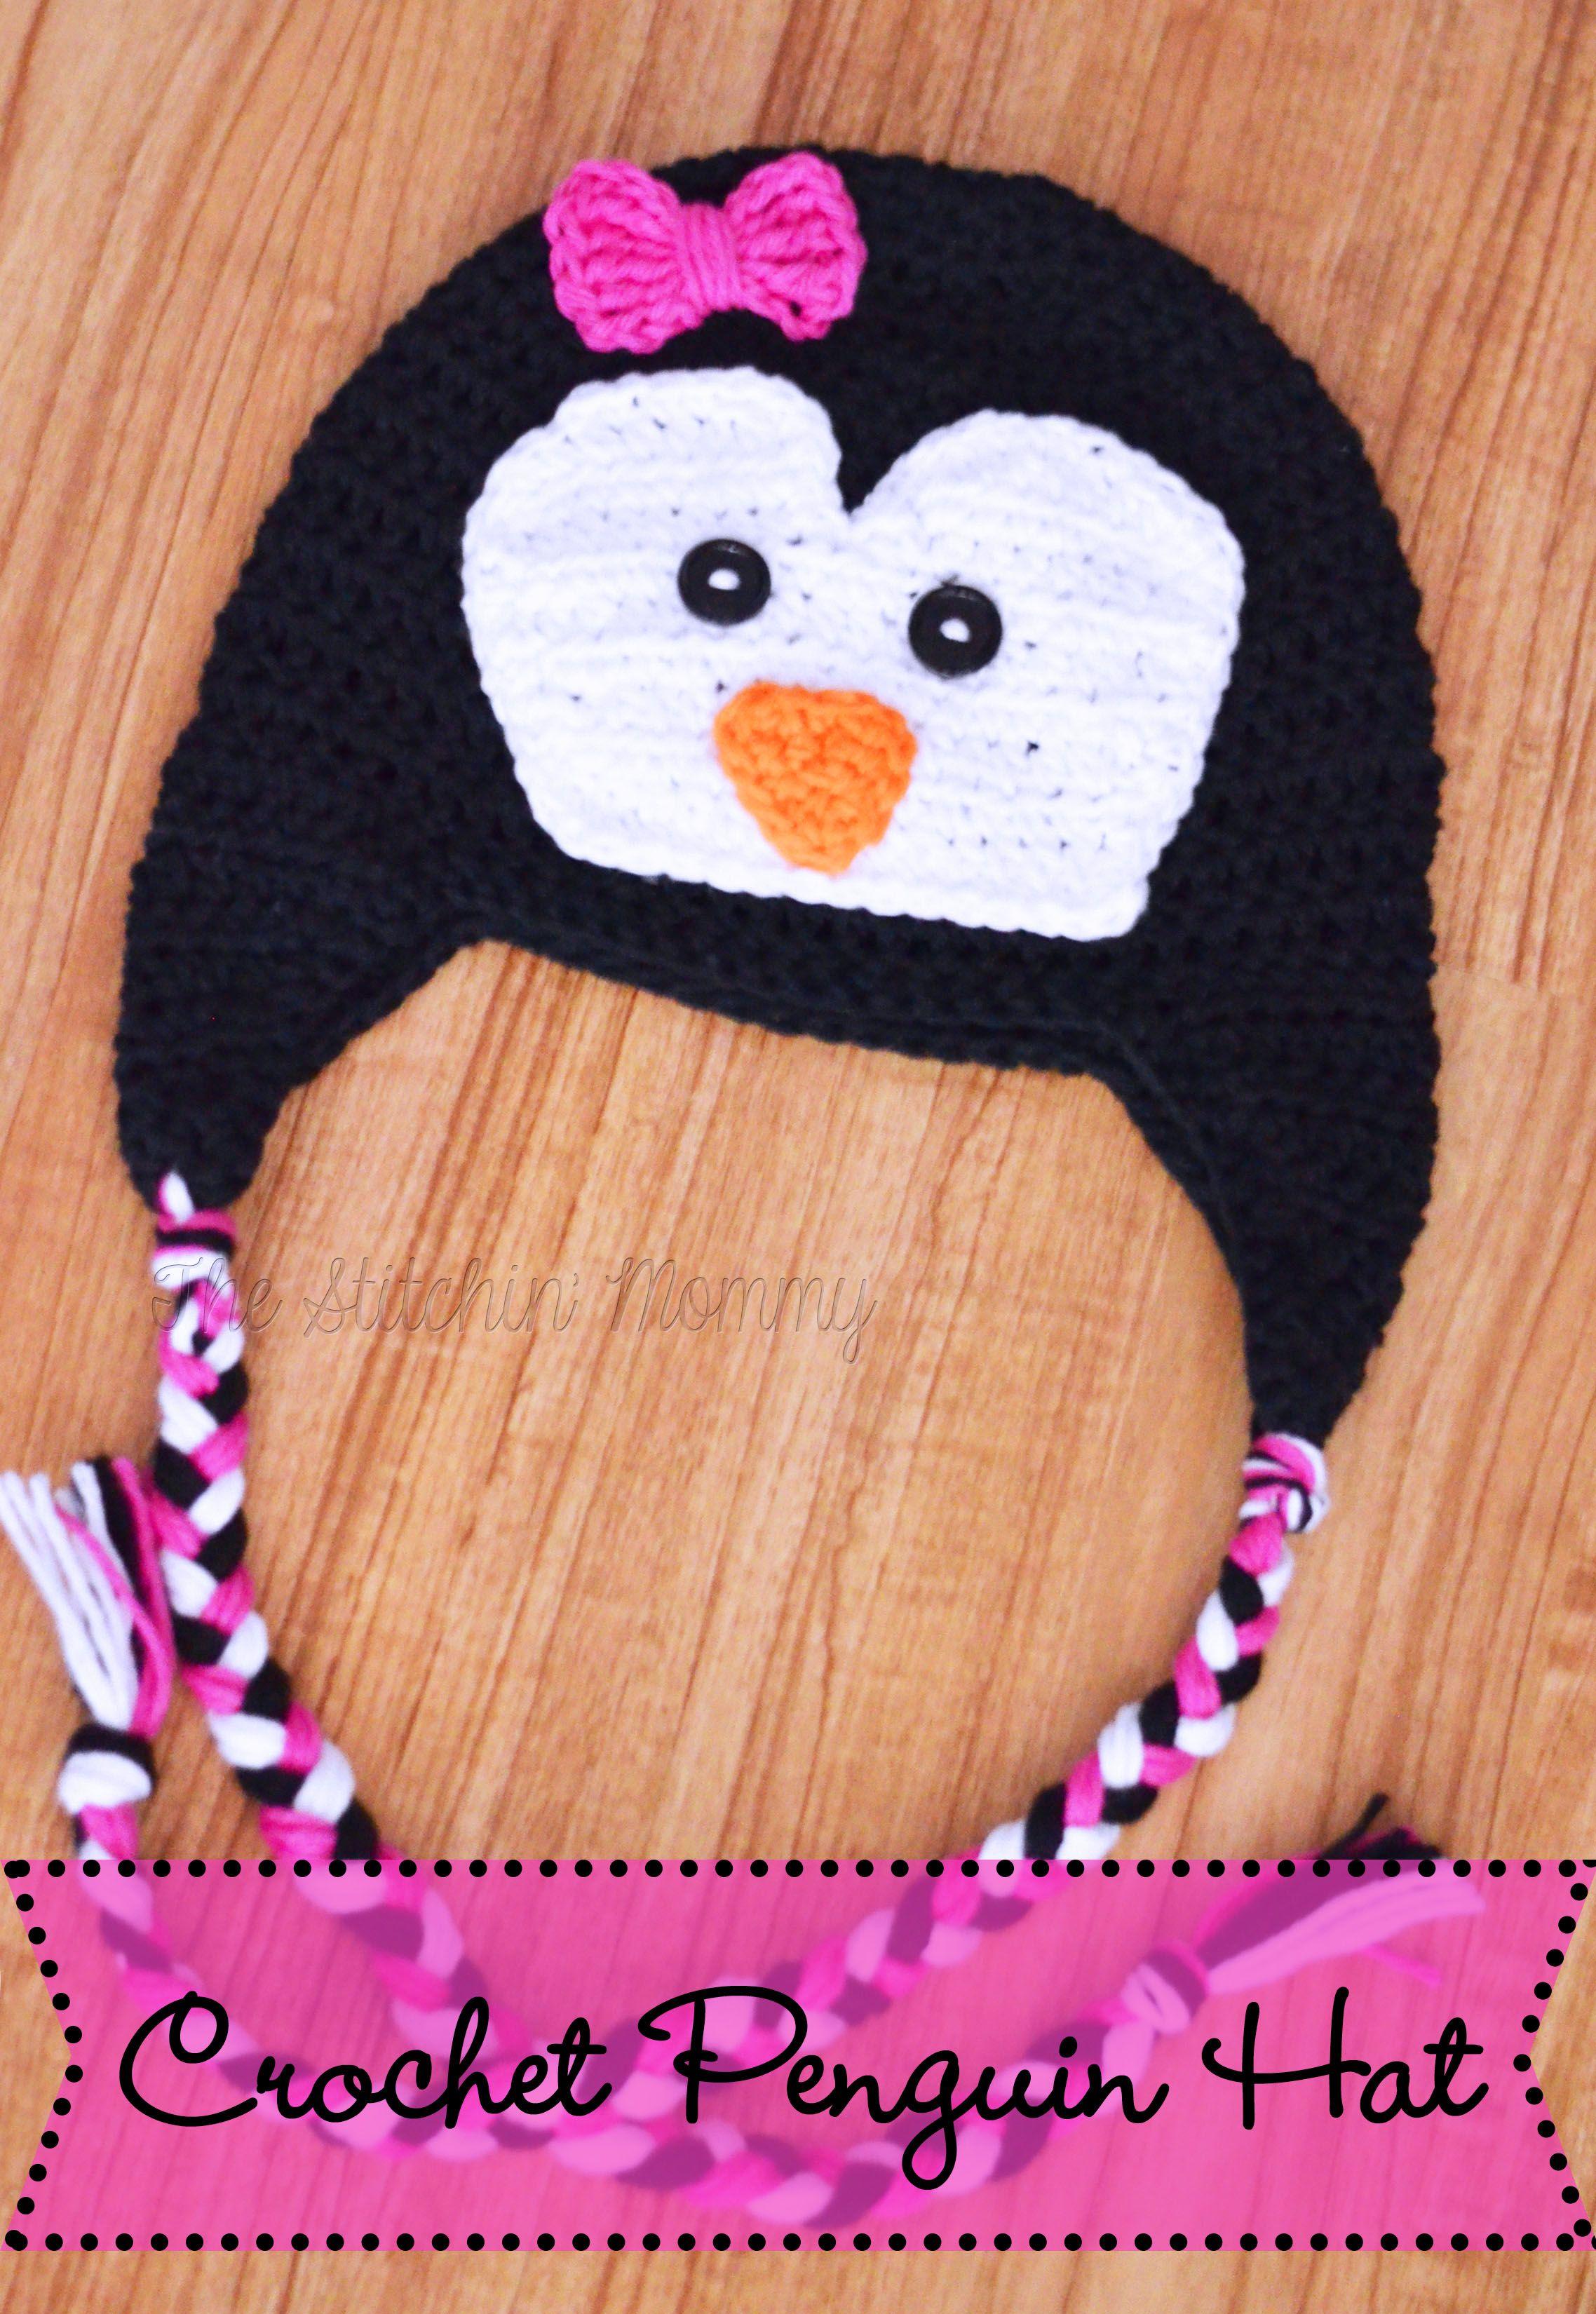 Crochet Penguin Hat Pattern Newborn Size Crochet Crochet